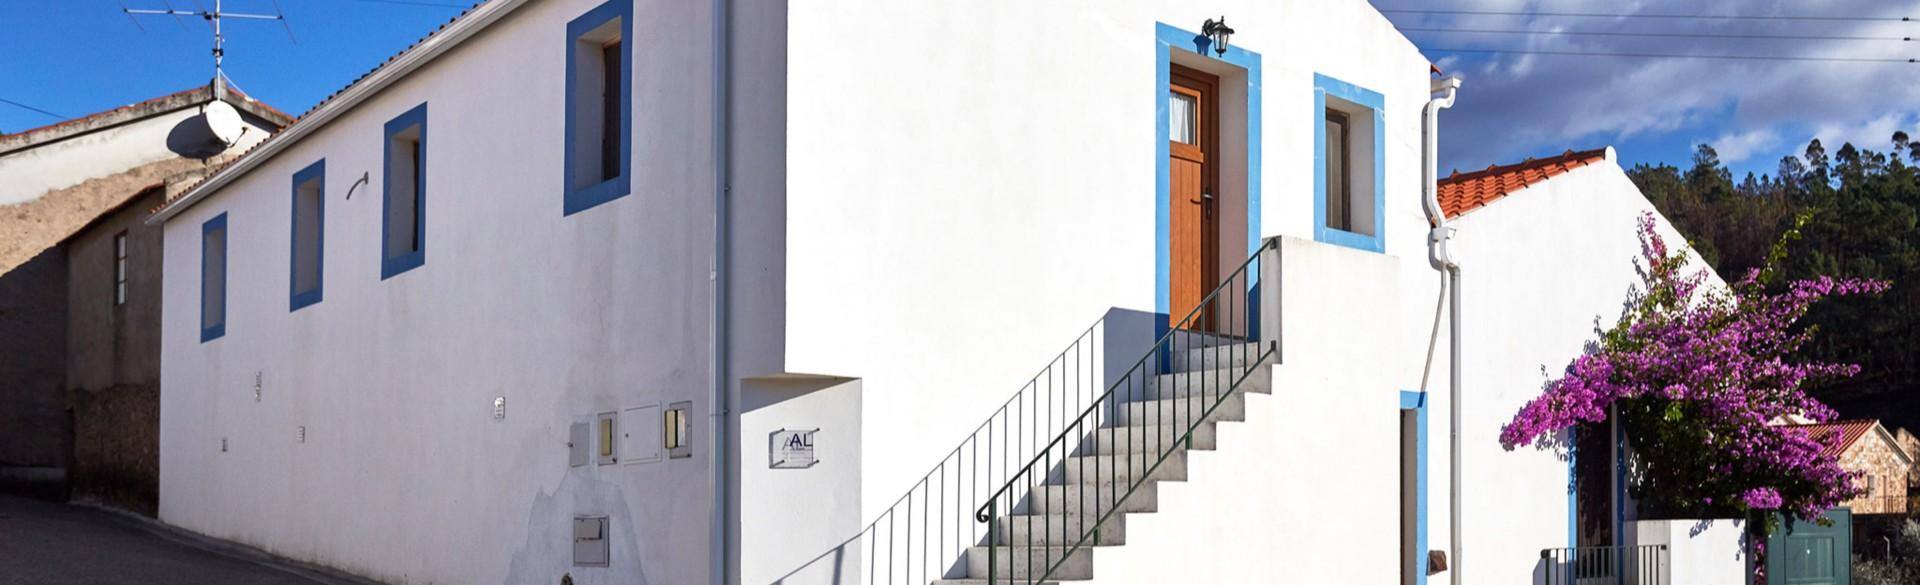 Casa Nova – Casas de Água Formosa